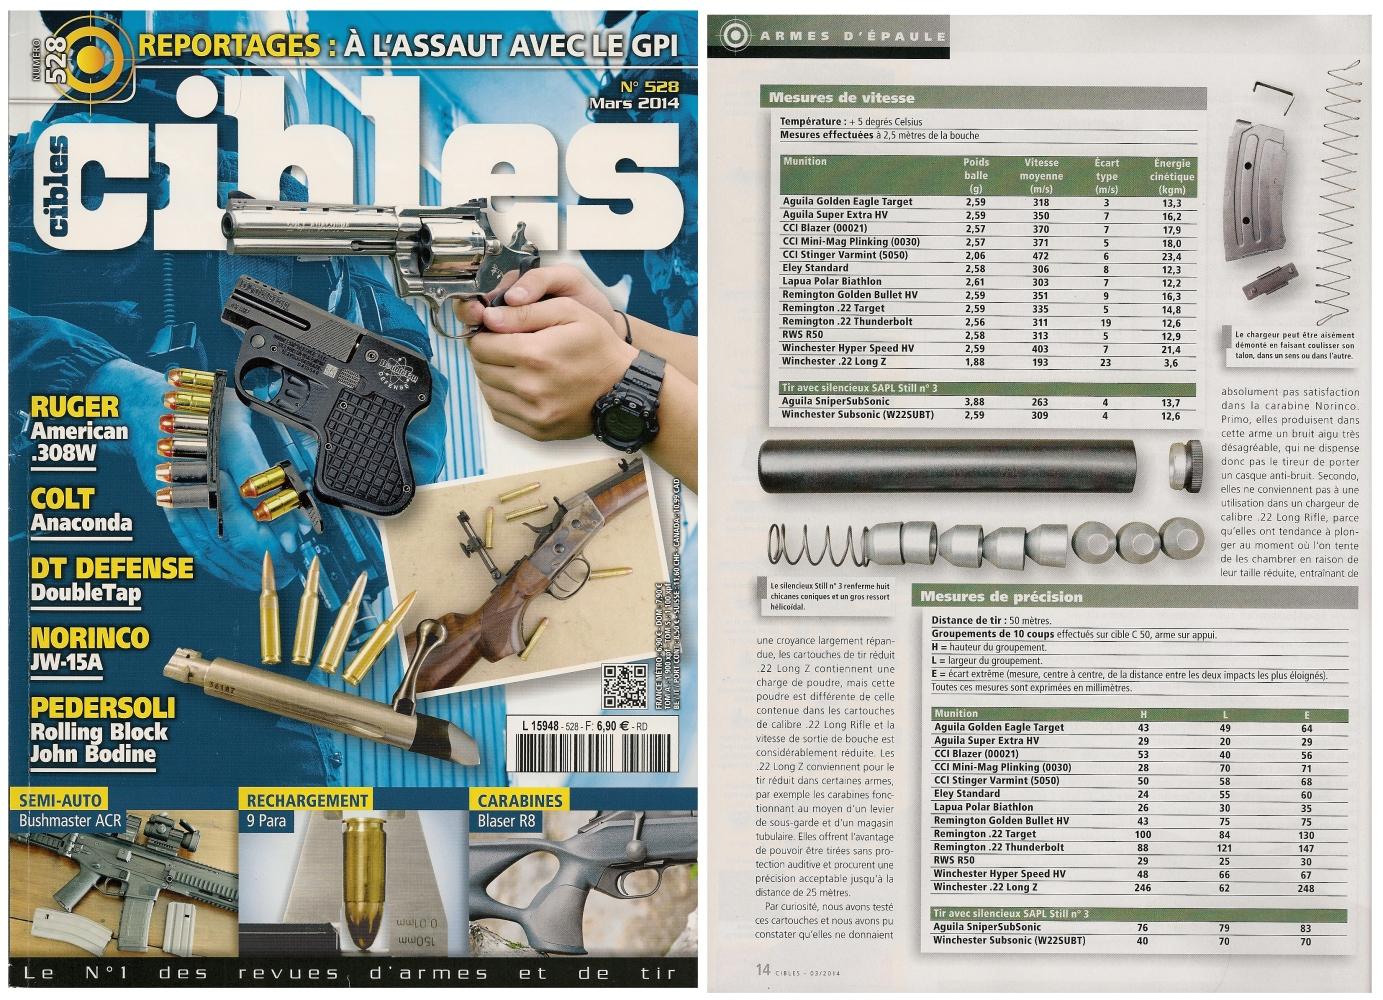 Le banc d'essai de la carabine Norinco JW-15A a été publié sur 6 pages ½ dans le magazine Cibles n°528 (mars 2014)